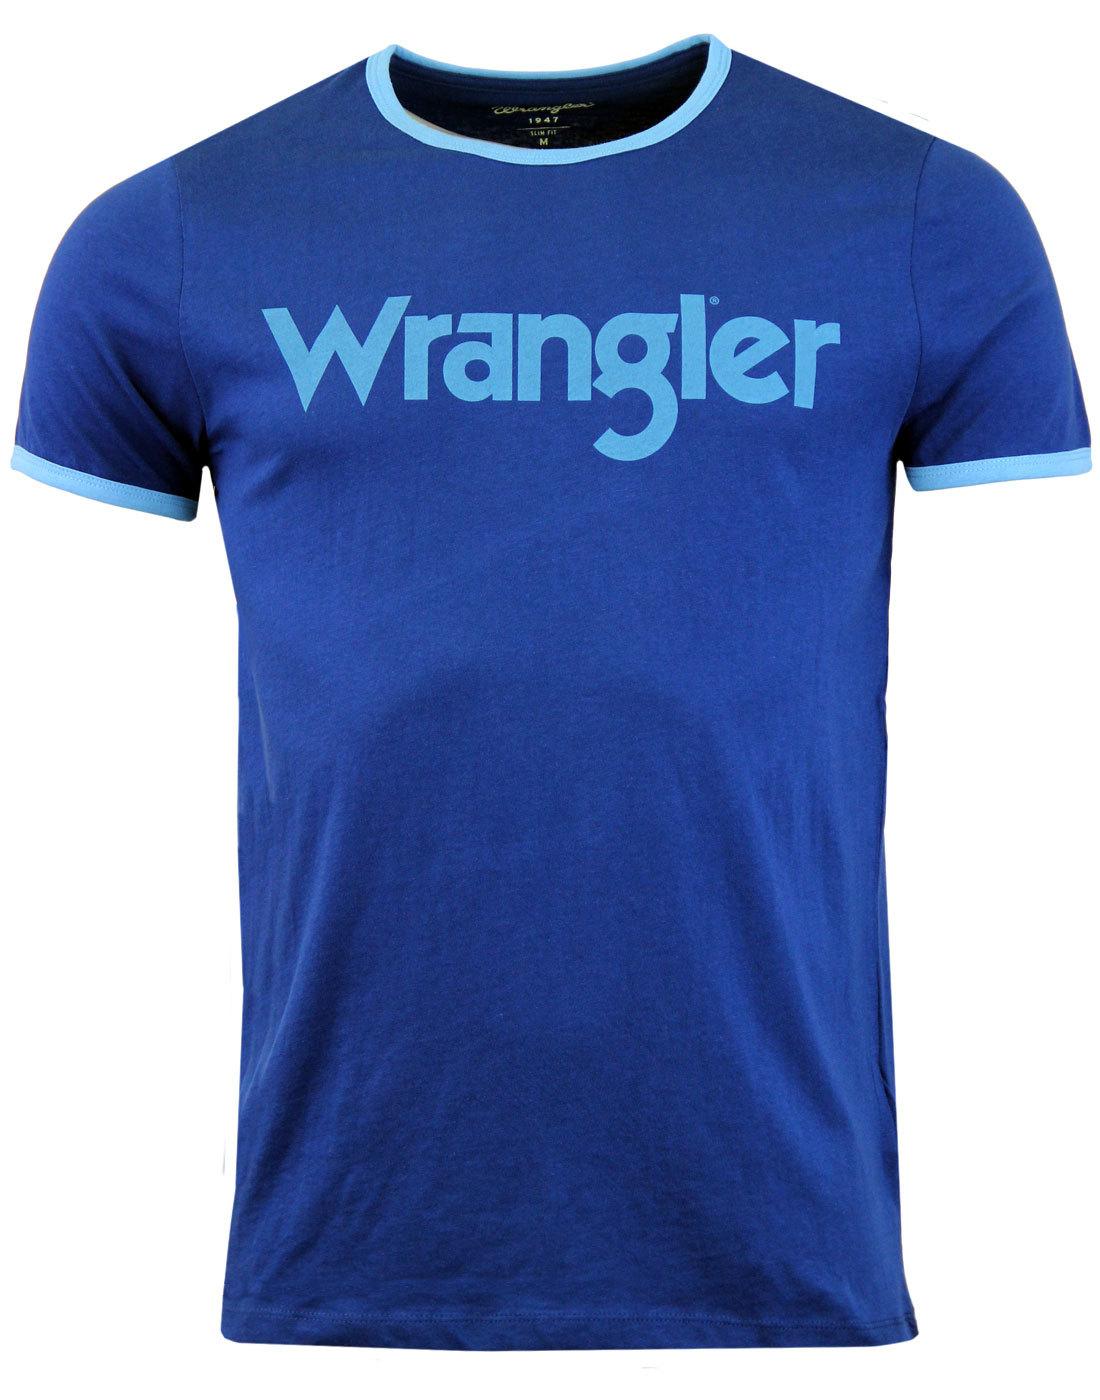 WRANGLER Kabel Retro 70s Crew Ringer Logo Tee (LB)